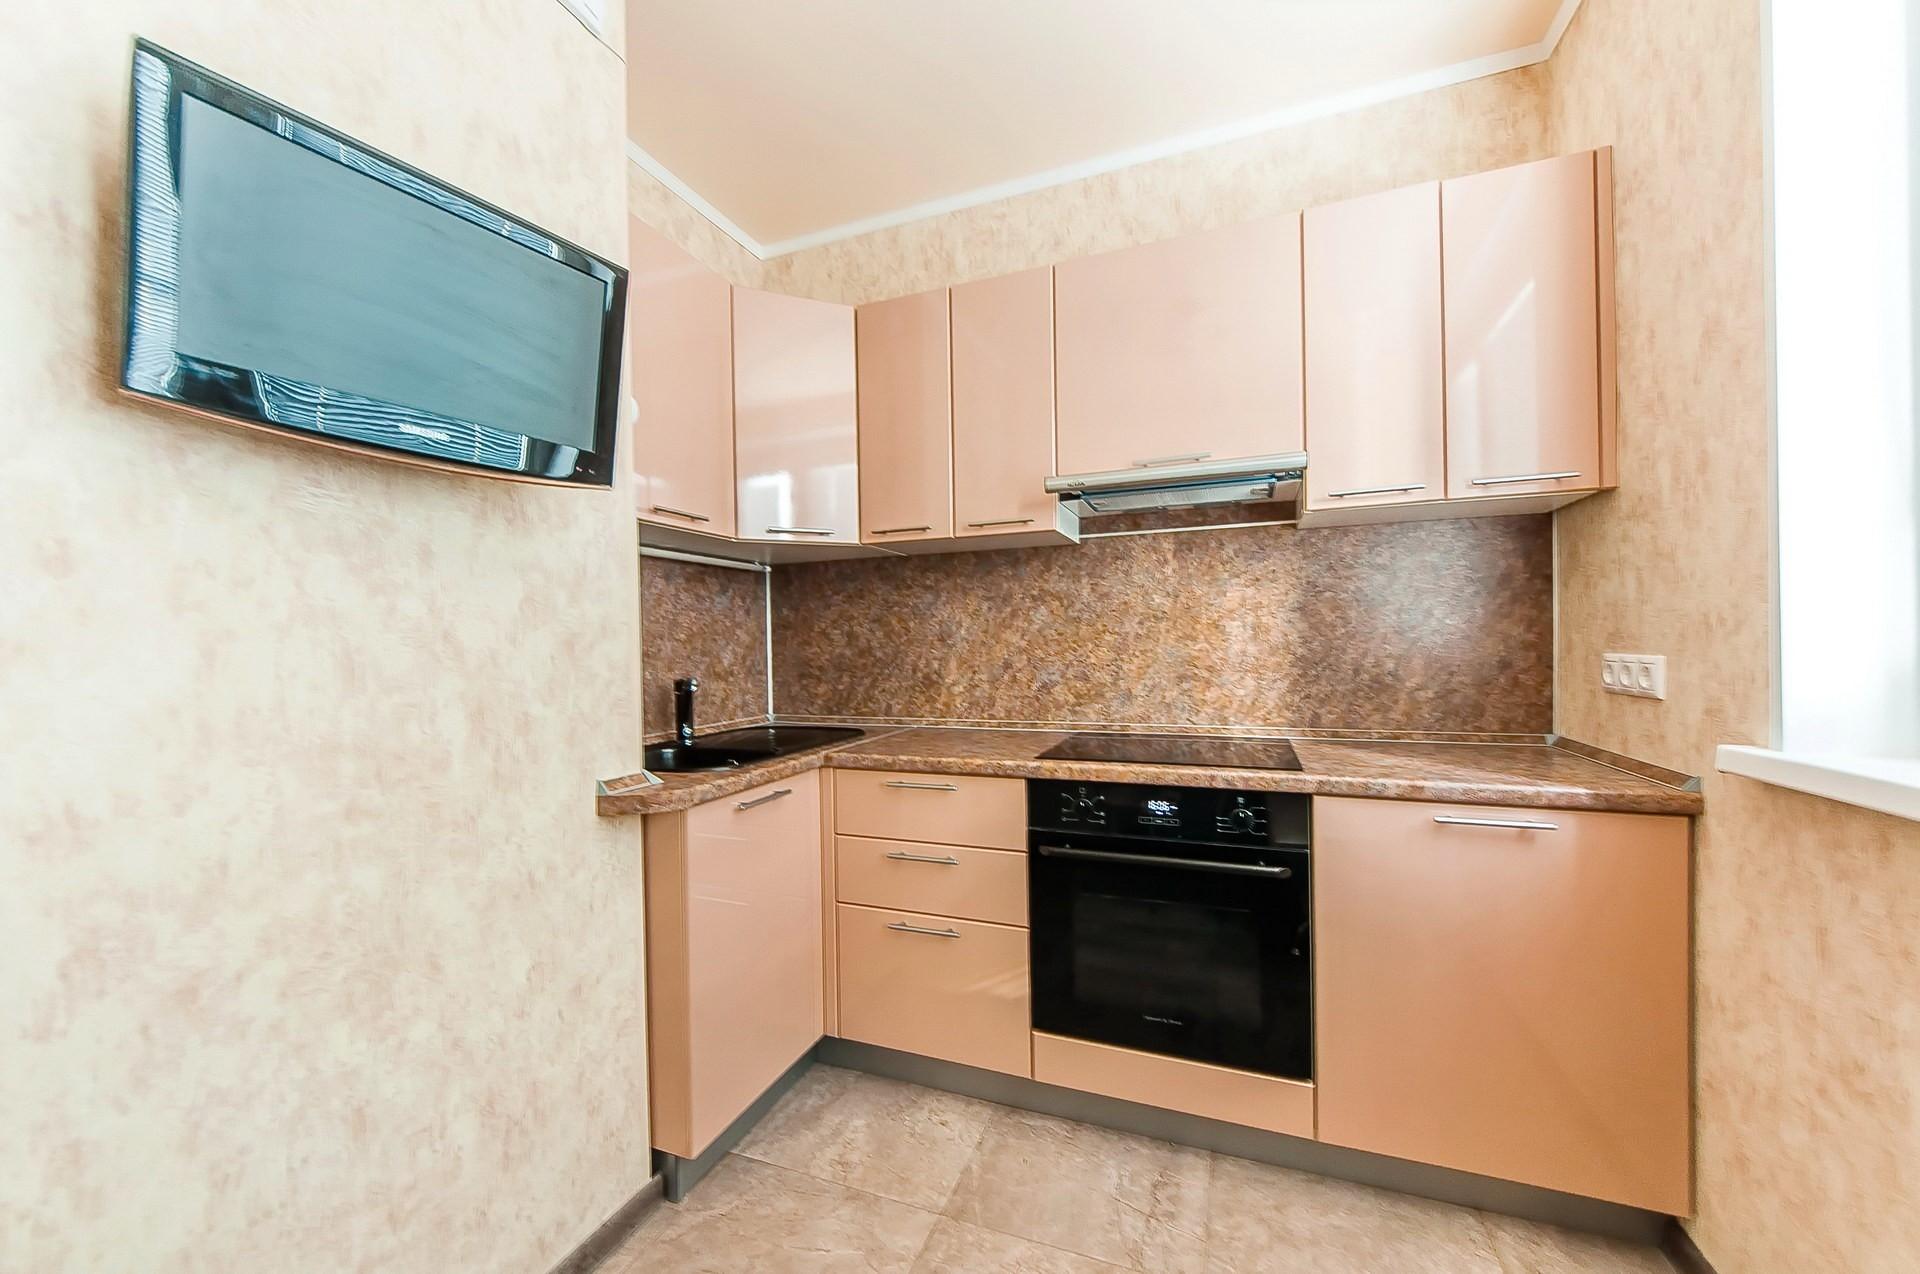 кухни бежевый верх персиковый низ фото лице